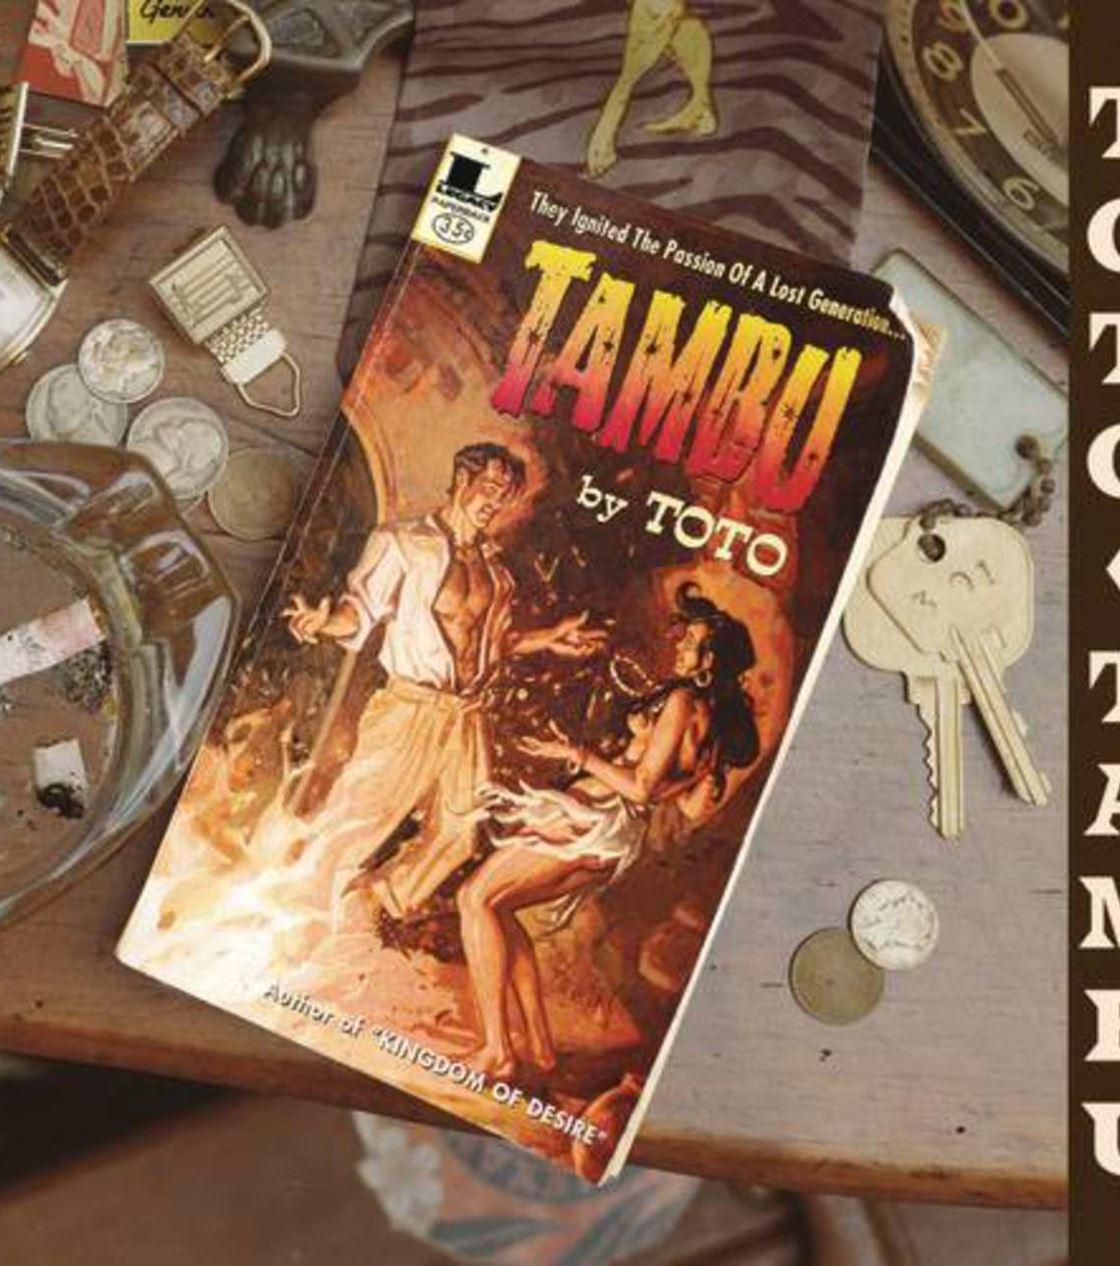 Toto - I Will Remember. The DALI CD vol. 2